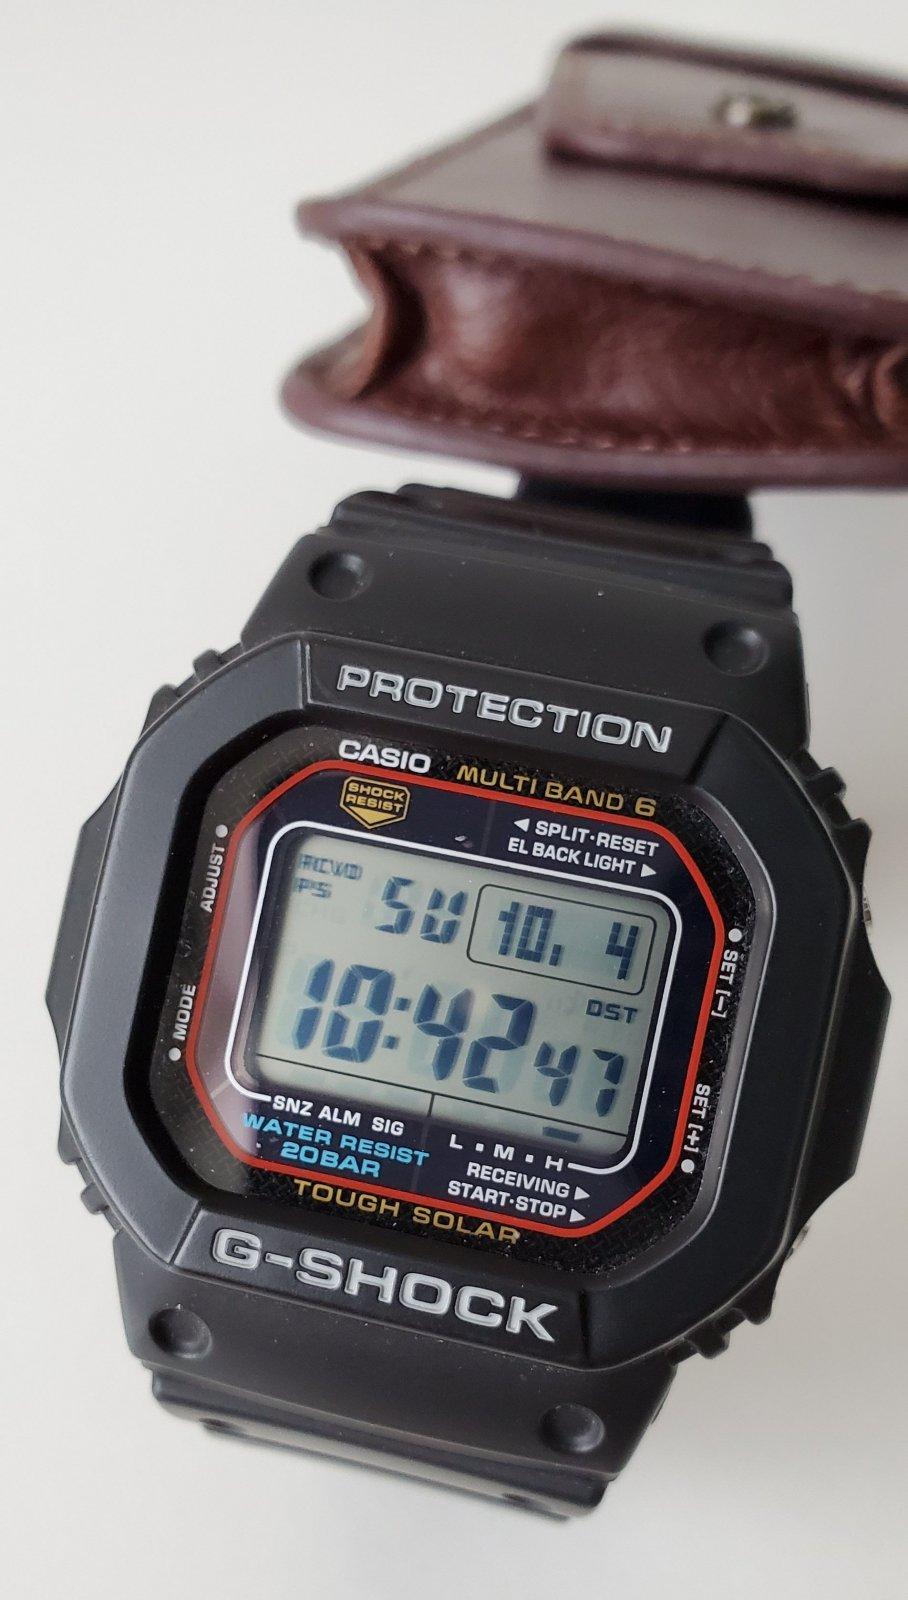 Casio_G-Shock_10.jpg